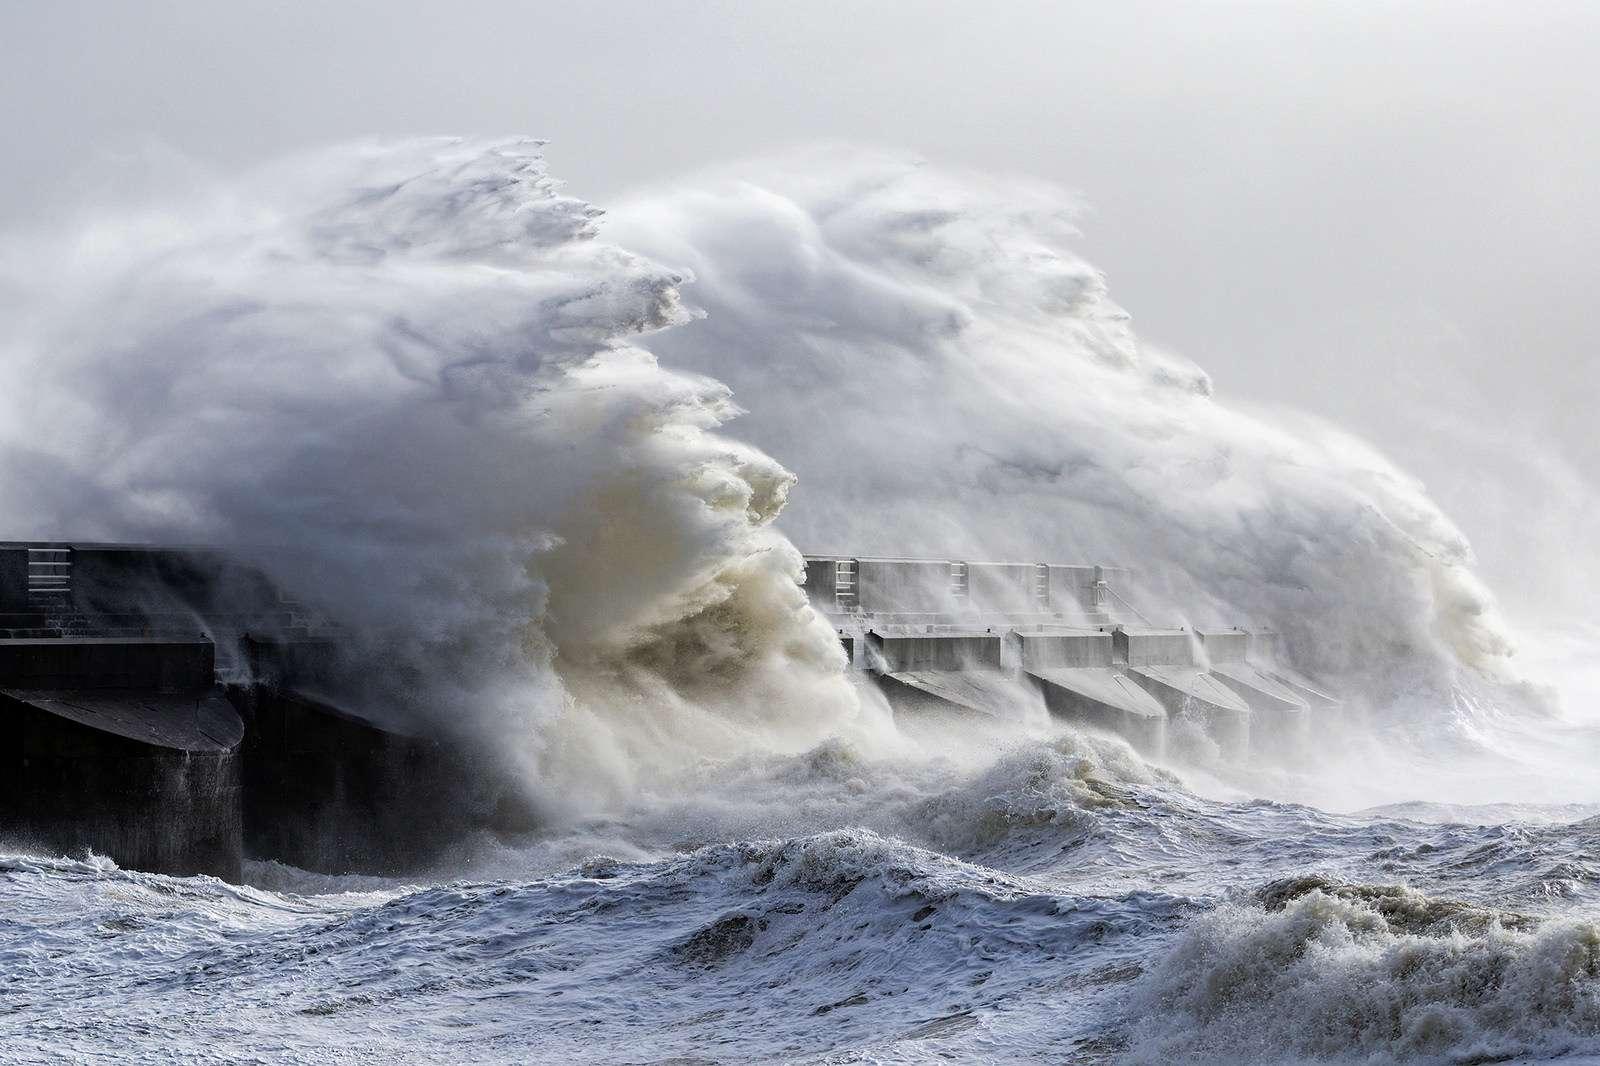 Le réchauffement des océans modifie le régime des vents, ce qui renforce les vagues. © hehaden, Flickr, CC By-NC 2.0